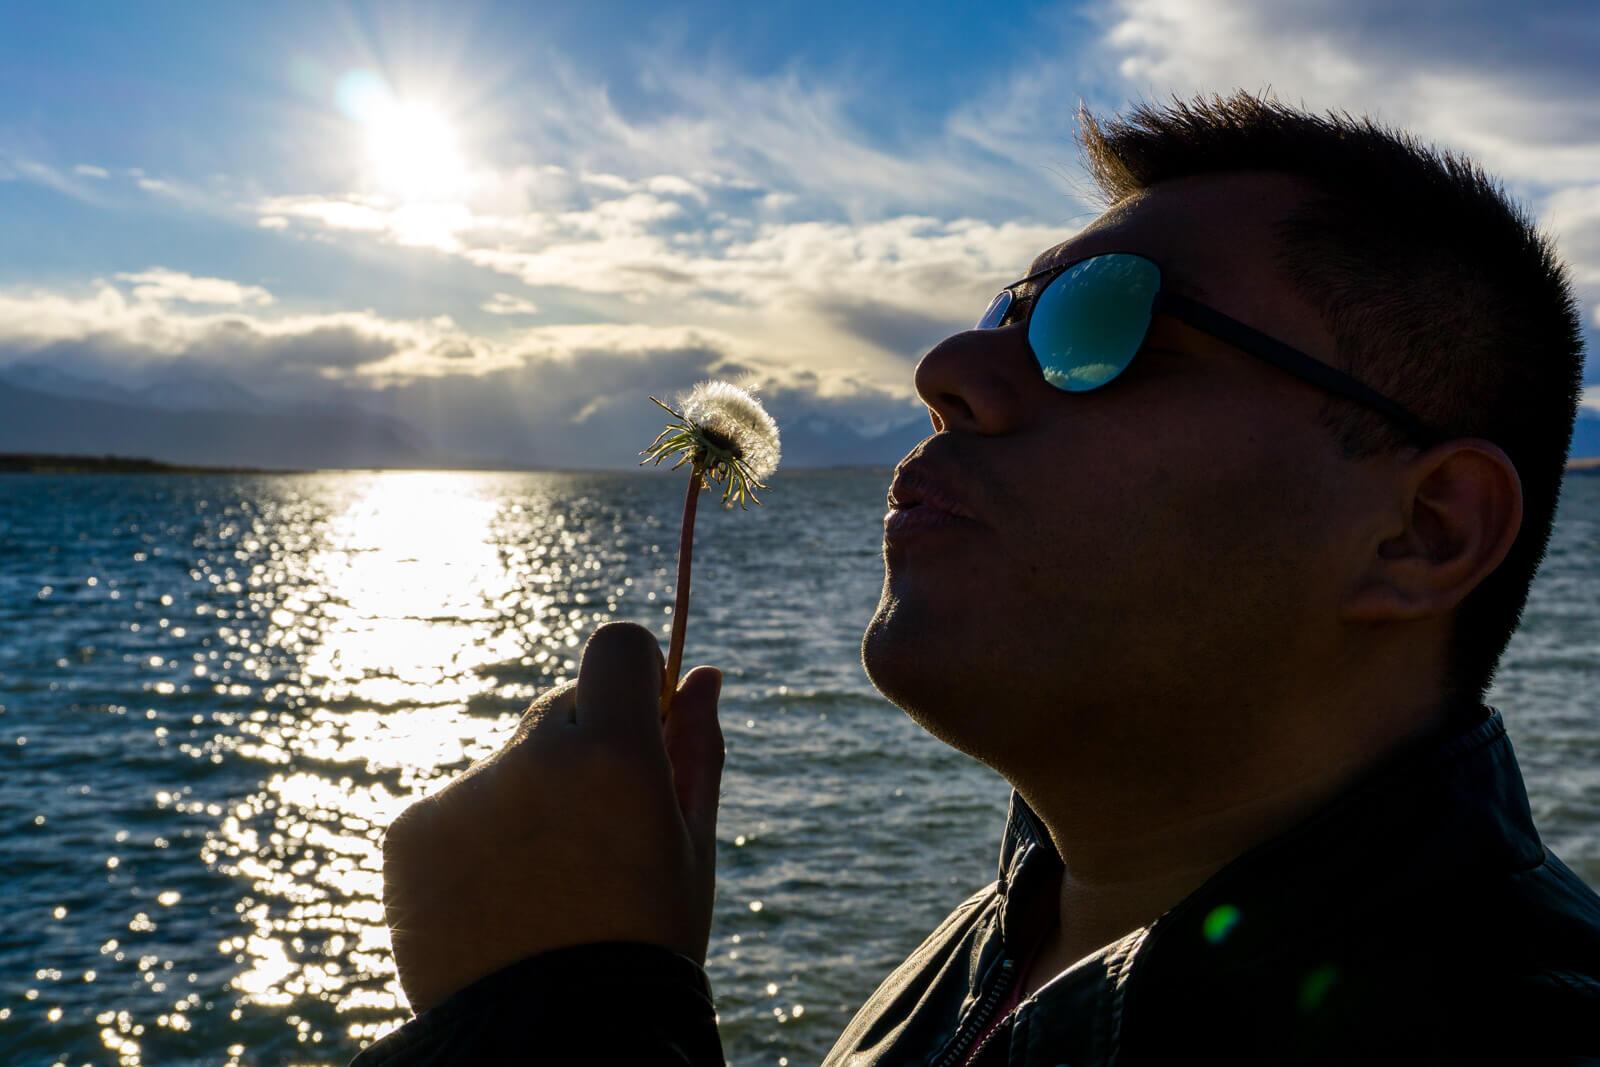 The Man of Wonders blowing a dandelion in Puerto Natales